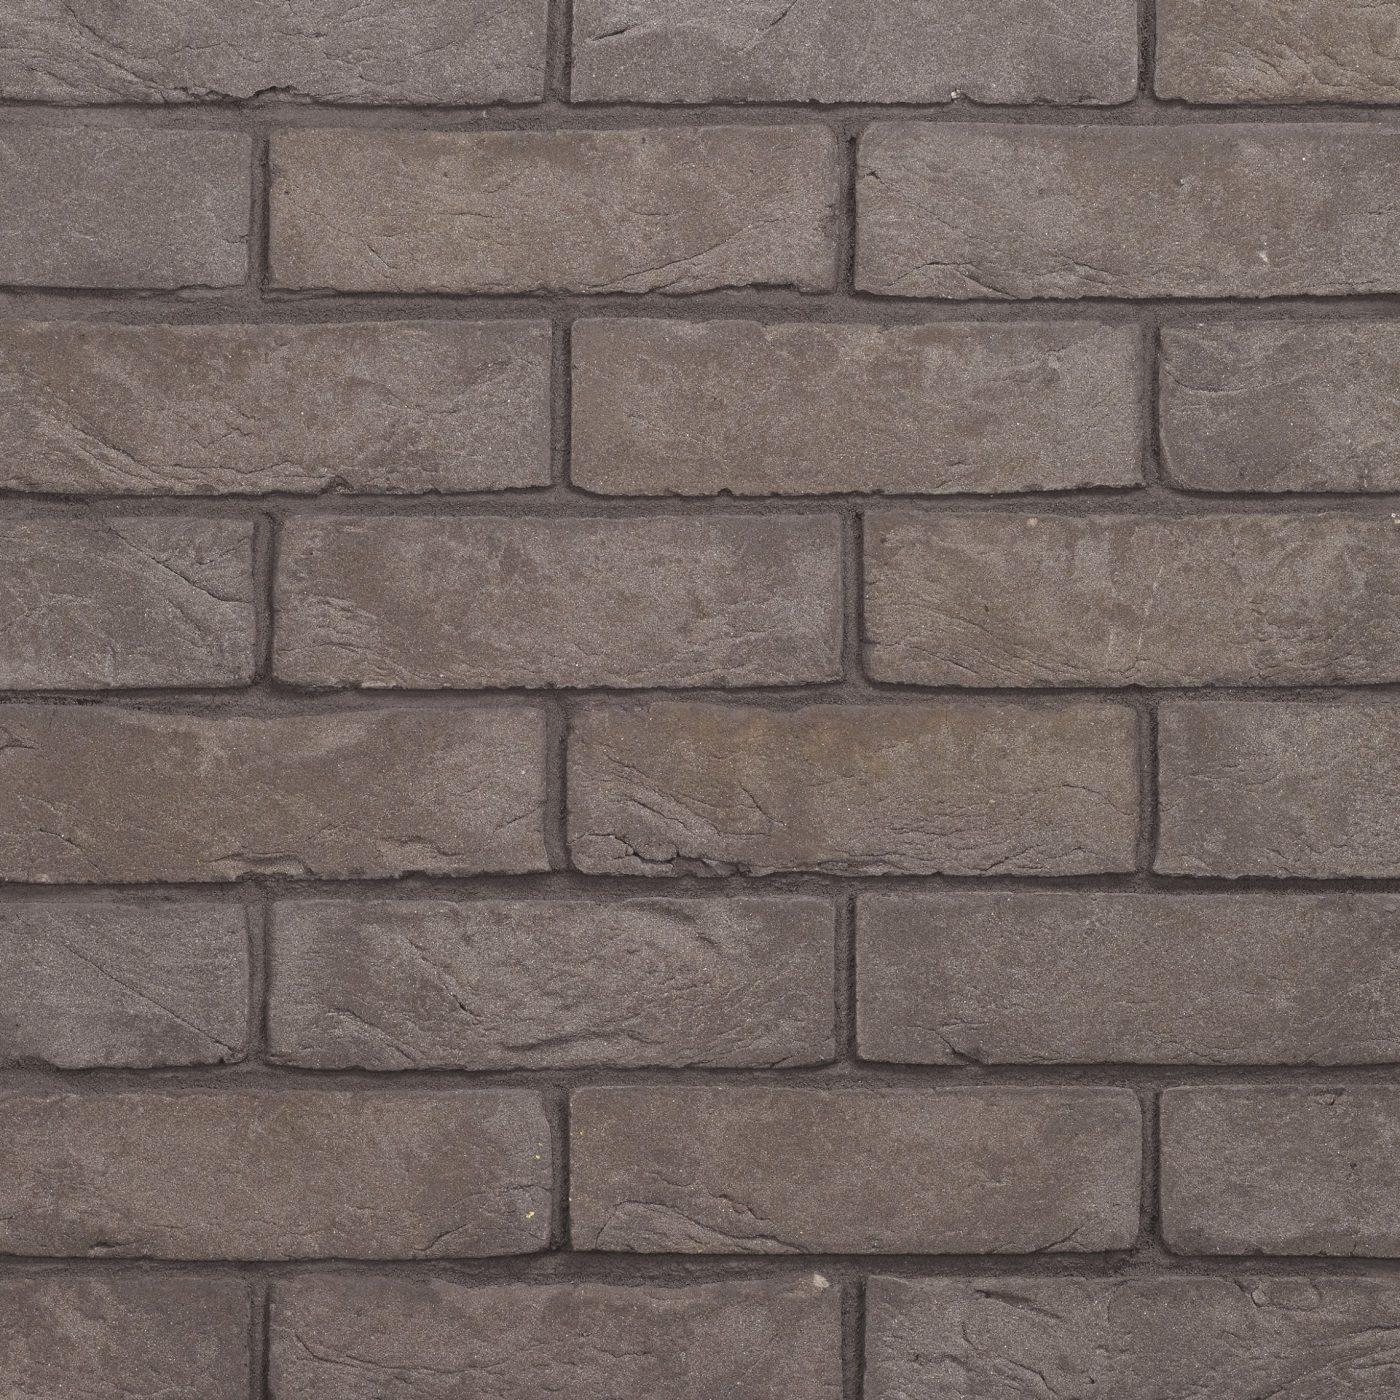 Couleur Gris Bleu Foncé brique de parement en terre cuite de couleur bleu-gris